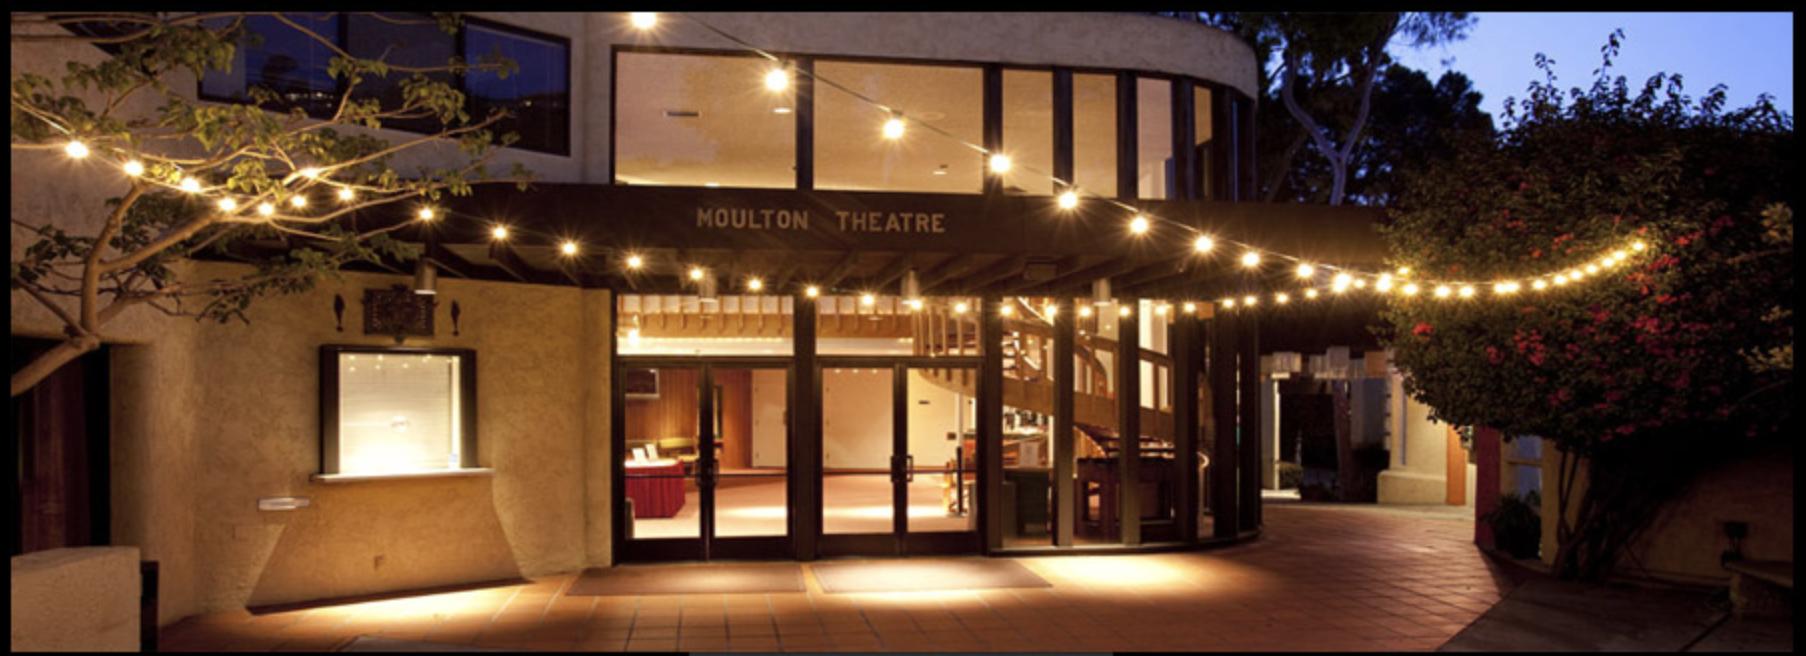 Moulton Theatre